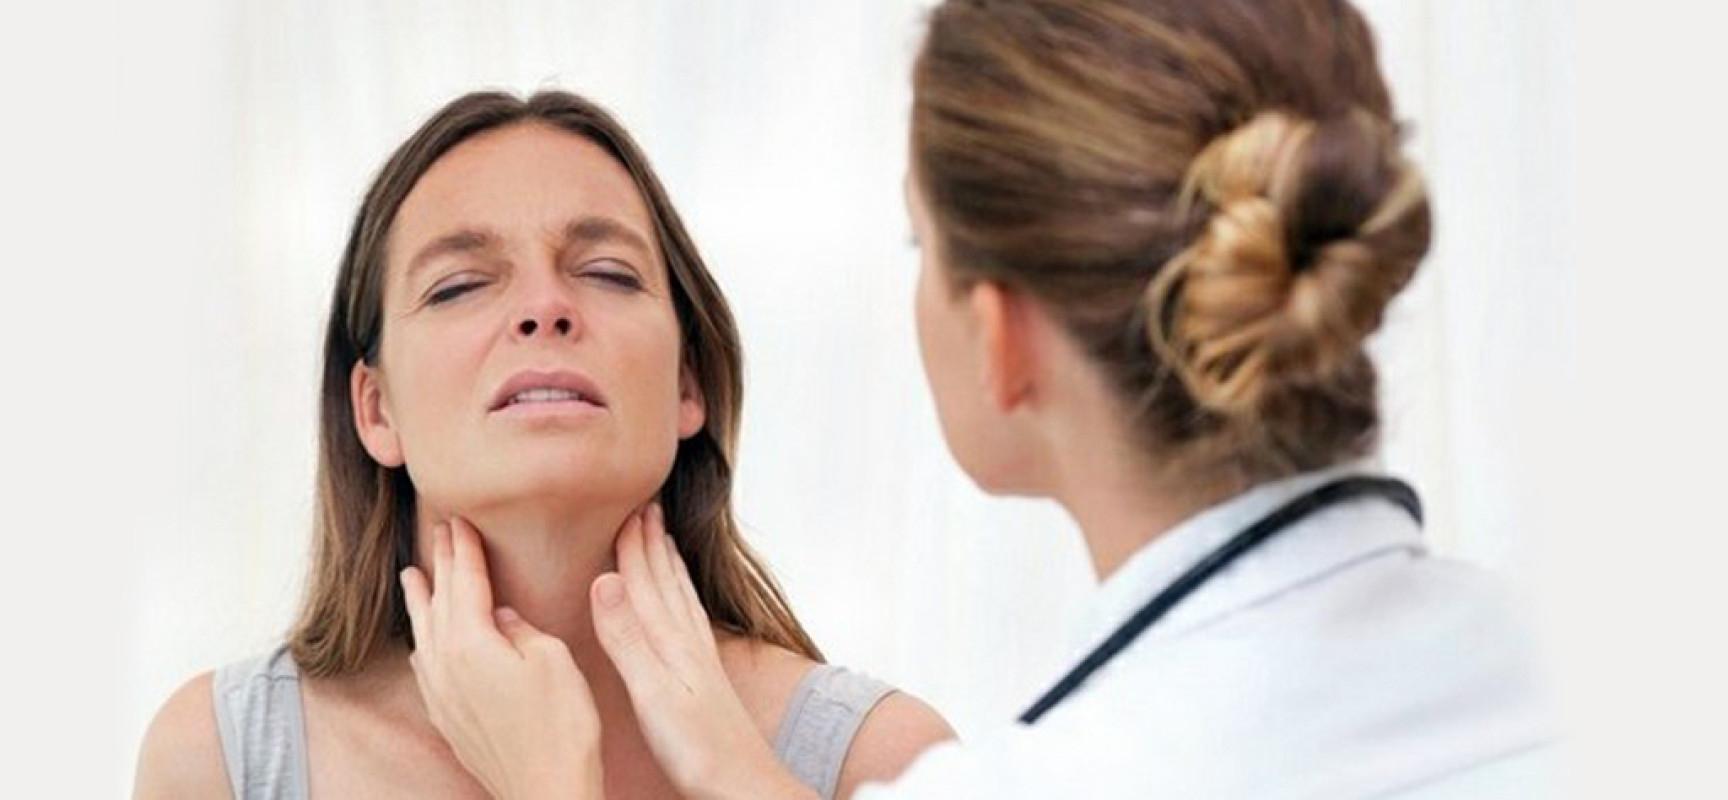 узи щитовидной железы подготовка к исследованию